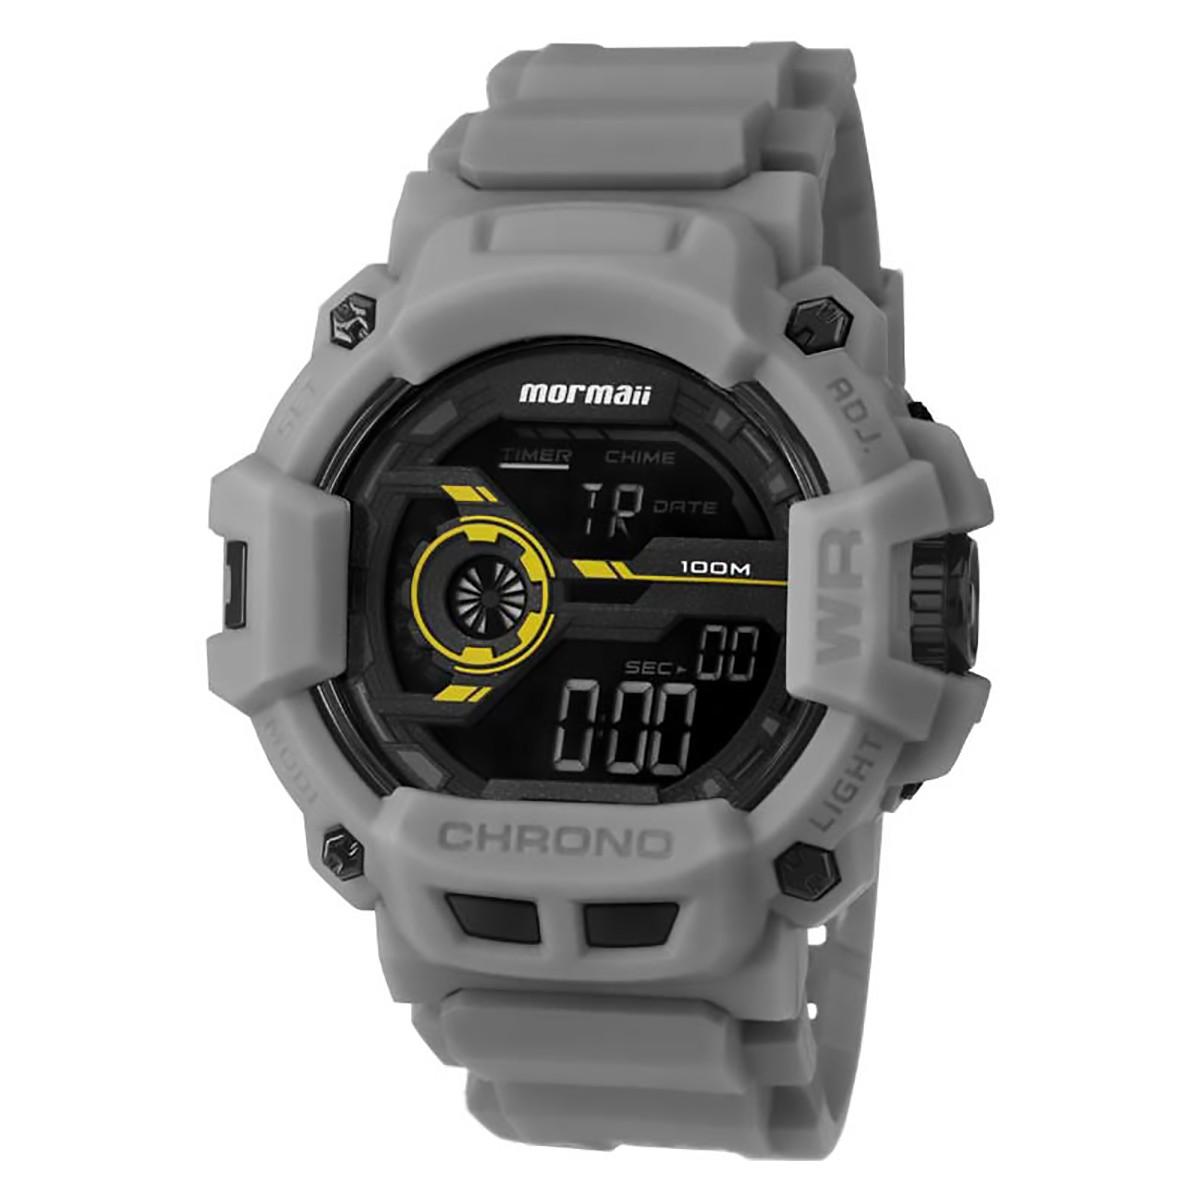 9b6f4ae3de63a Compre Relógio Mormaii Acqua Pro Adventure em 10X   Tri-Jóia Shop